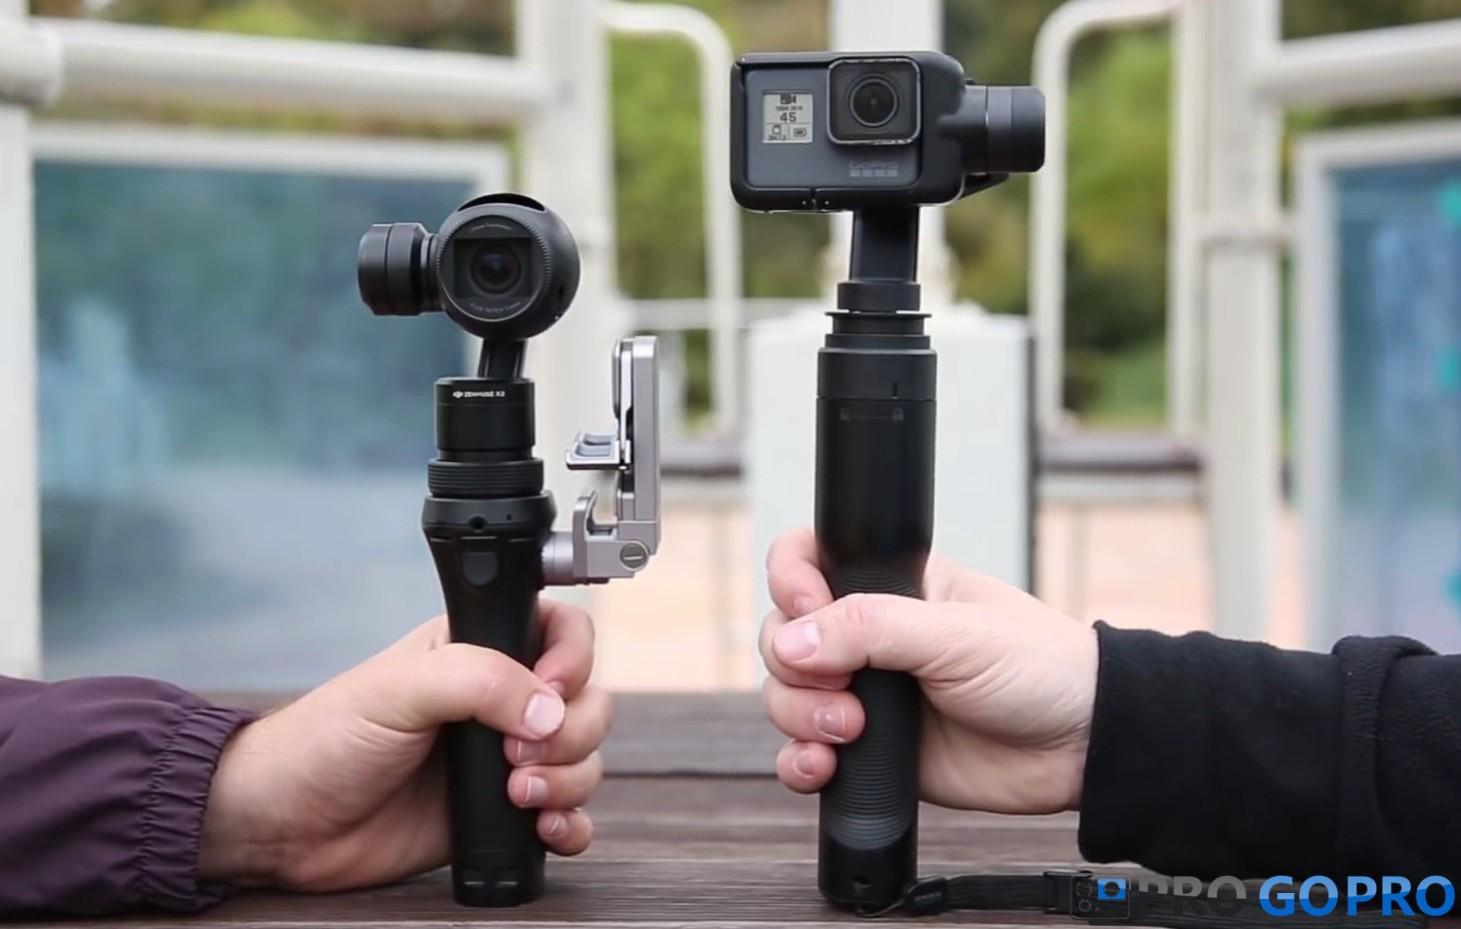 DJI Osmo против GoPro Karma Grip: Сравнение двух электронных стабилизаторов